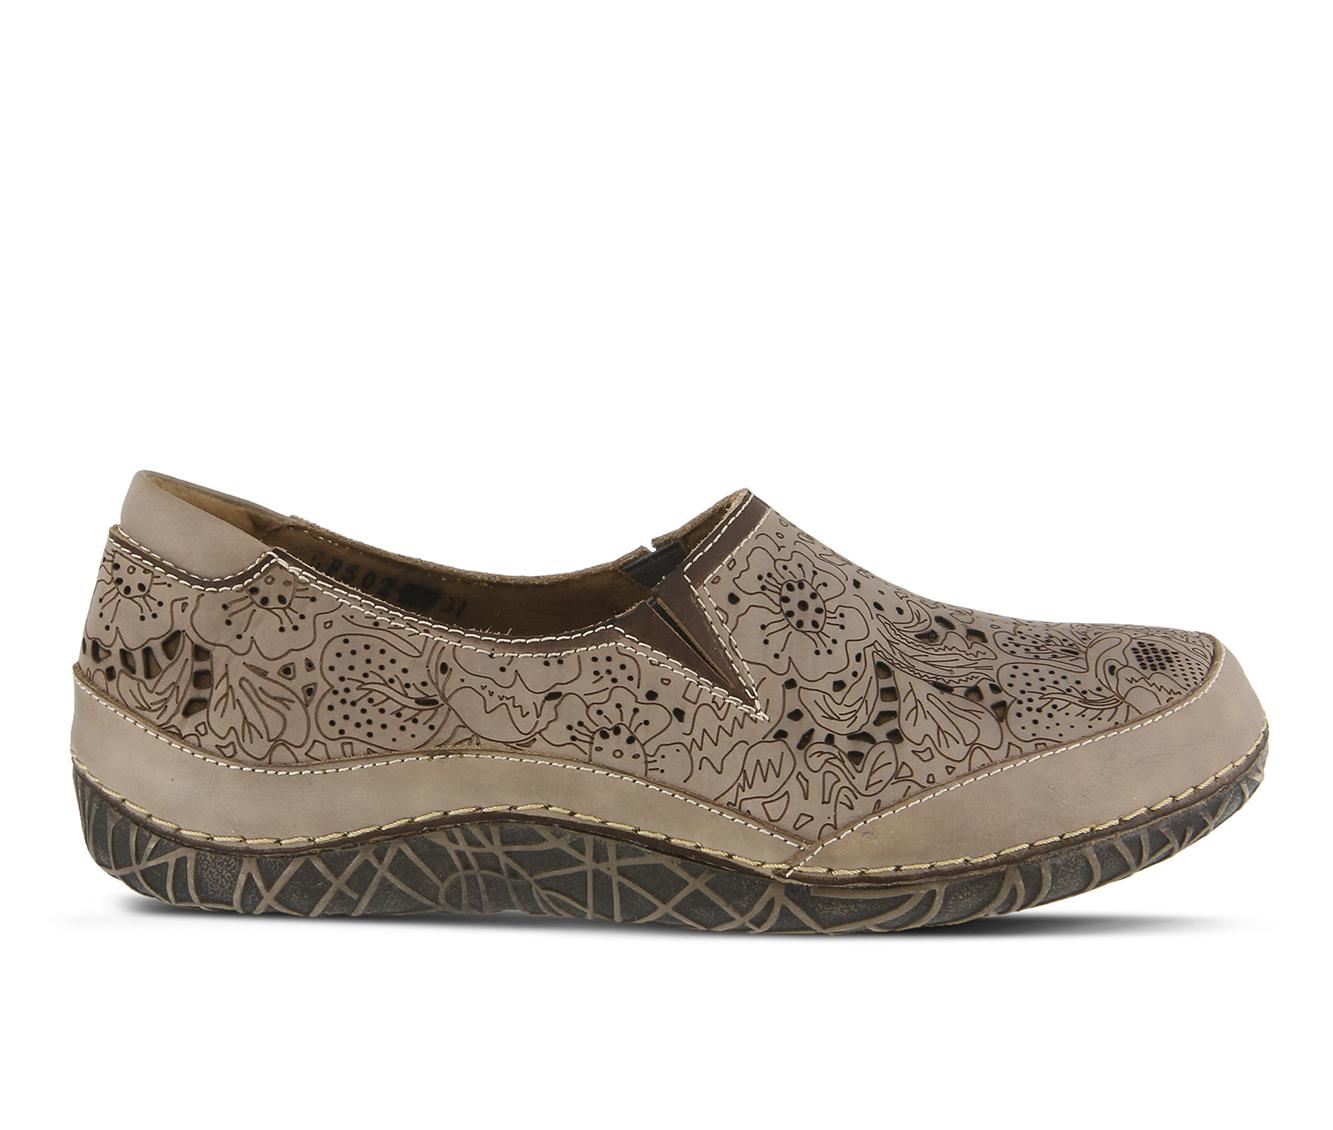 L'Artiste Libora Women's Shoe (Gray Leather)